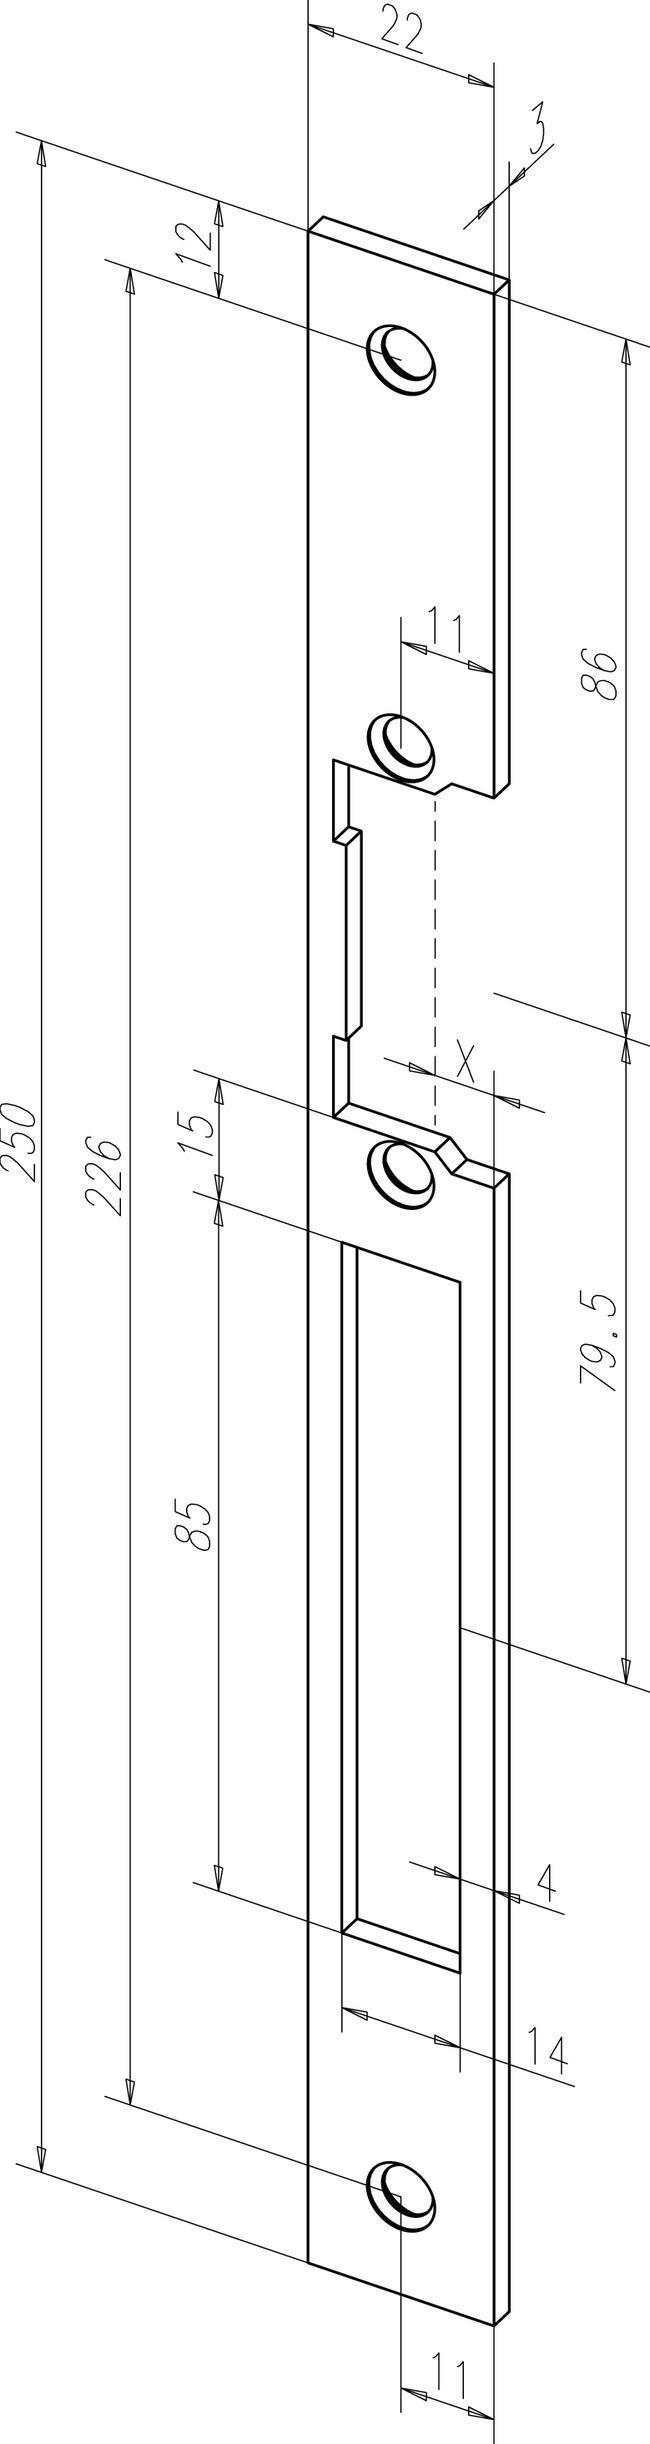 Têtière longue HZ Acier inox S 967 EFF EFF pour gâche électrique 44535-01 - double empenage réversible - 06445351